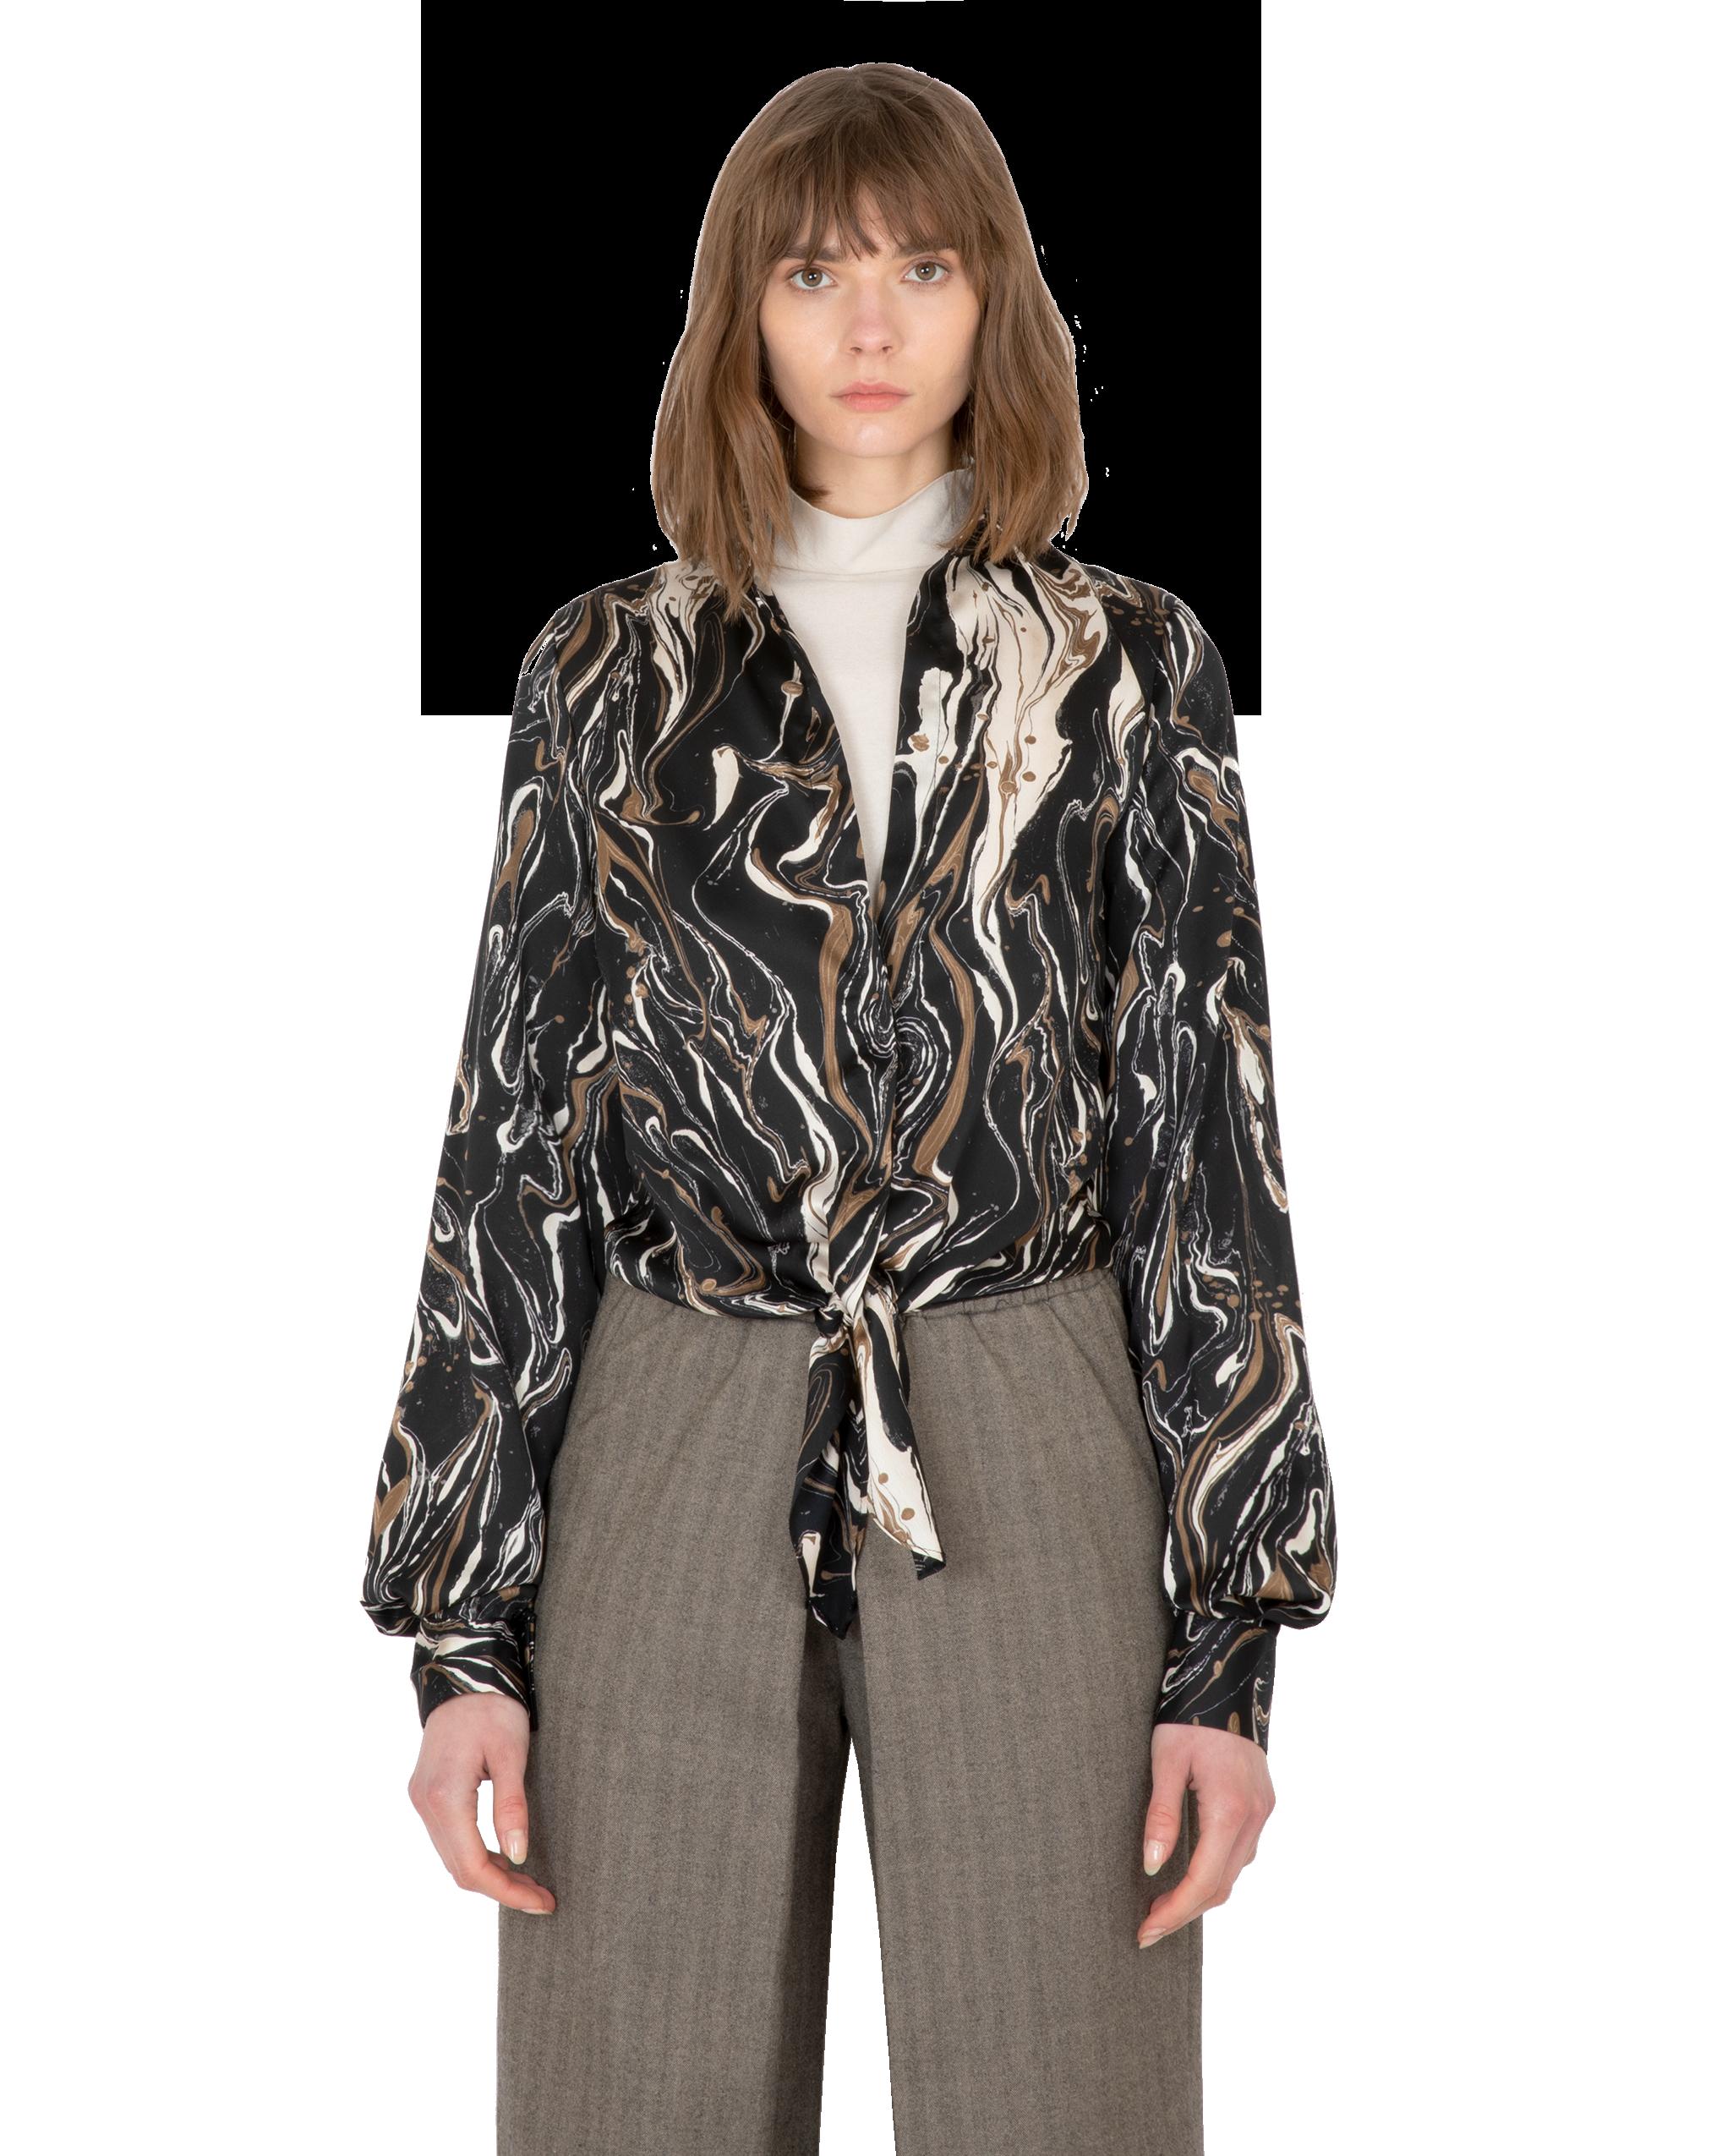 Model wearing EMIN + PAUL black print tie-front blouse.